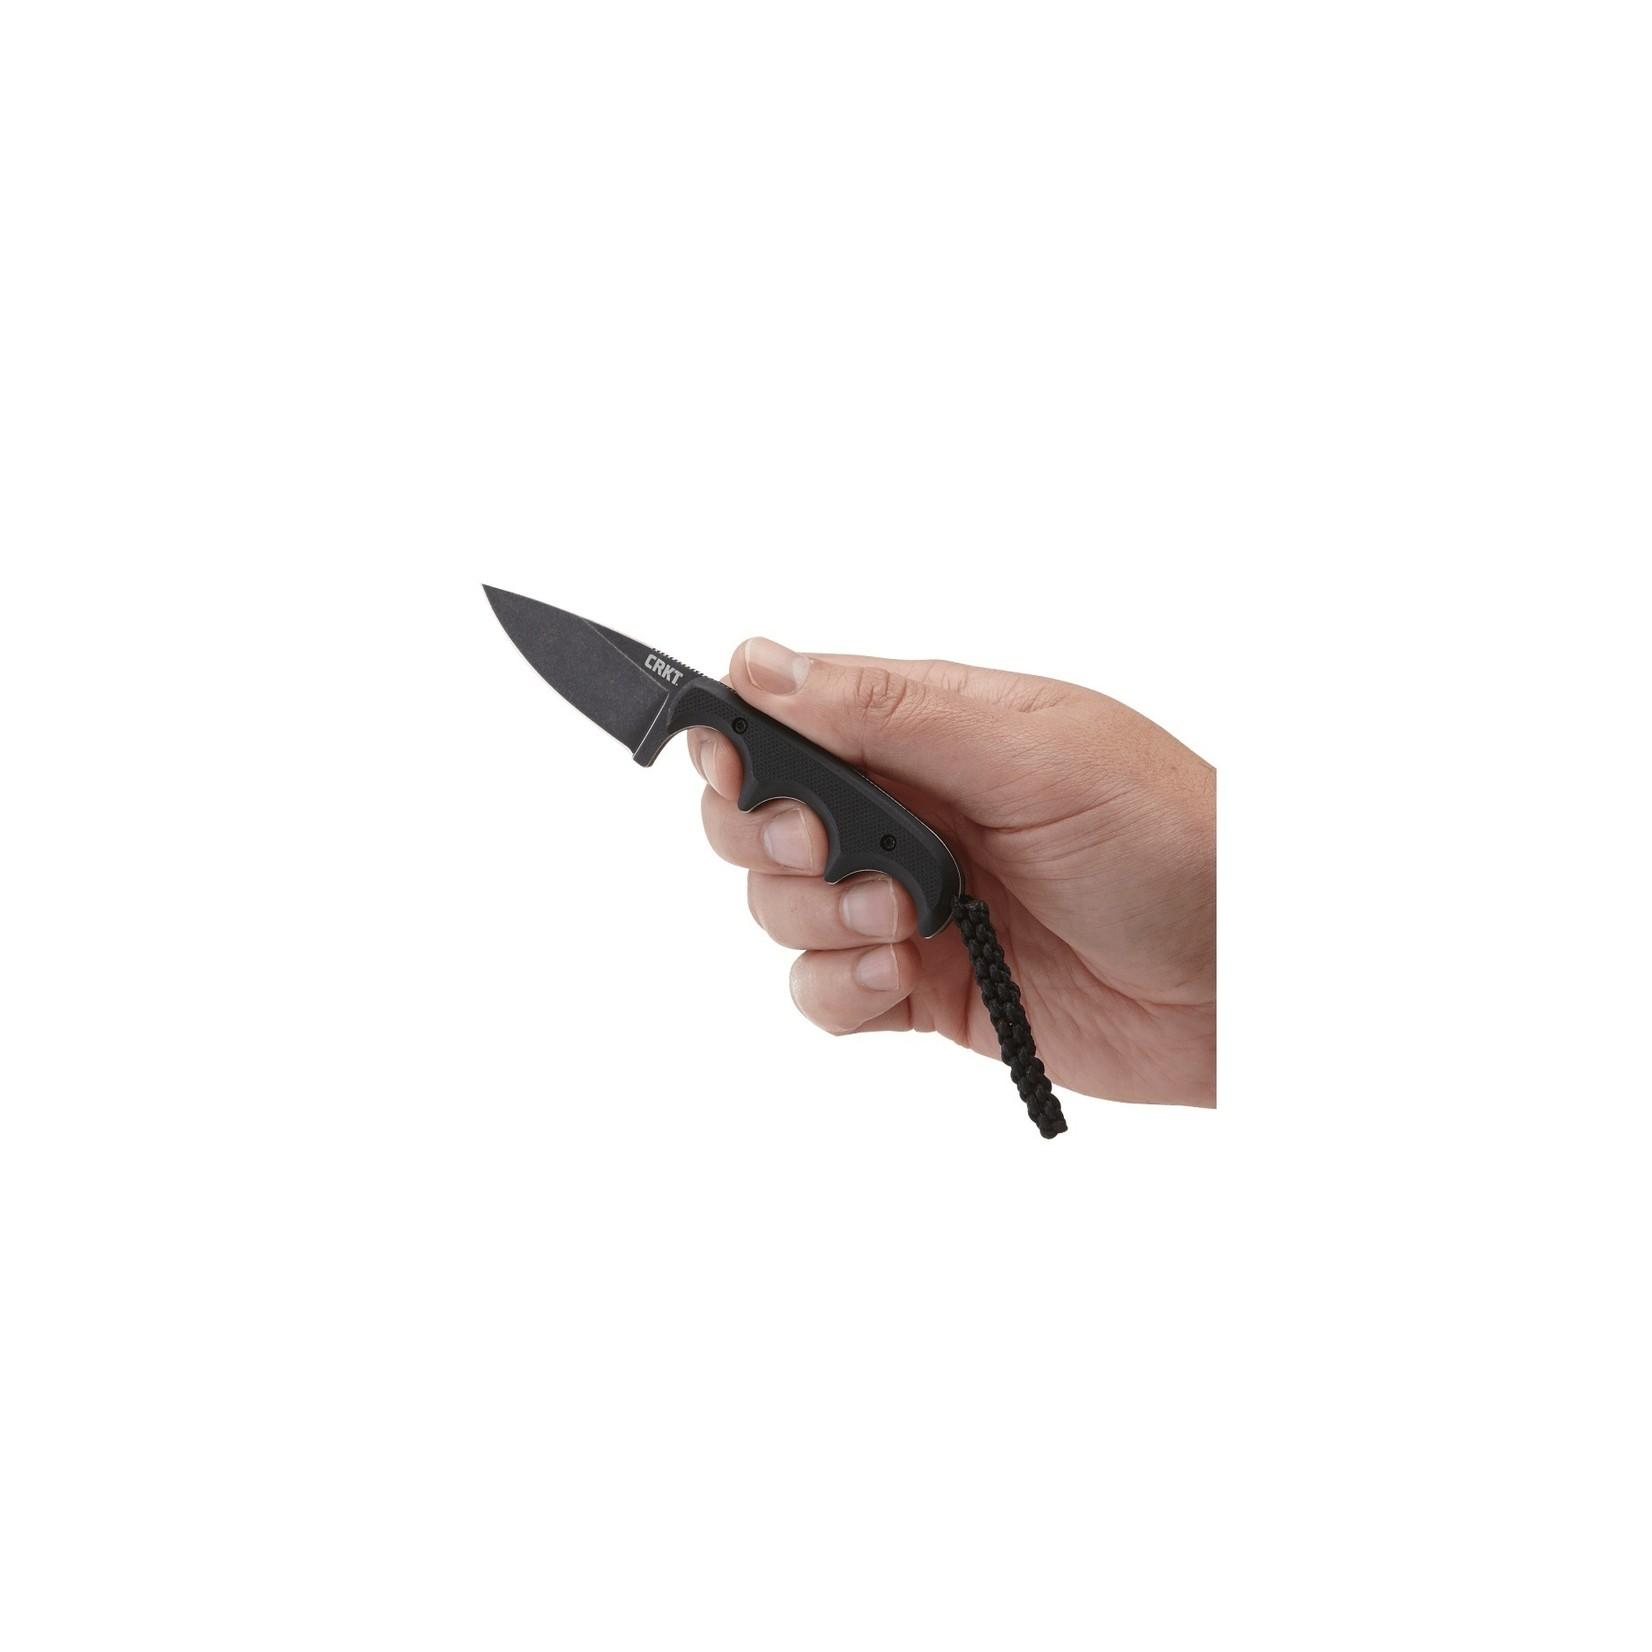 CRKT CRKT Minimalist droppoint zwart